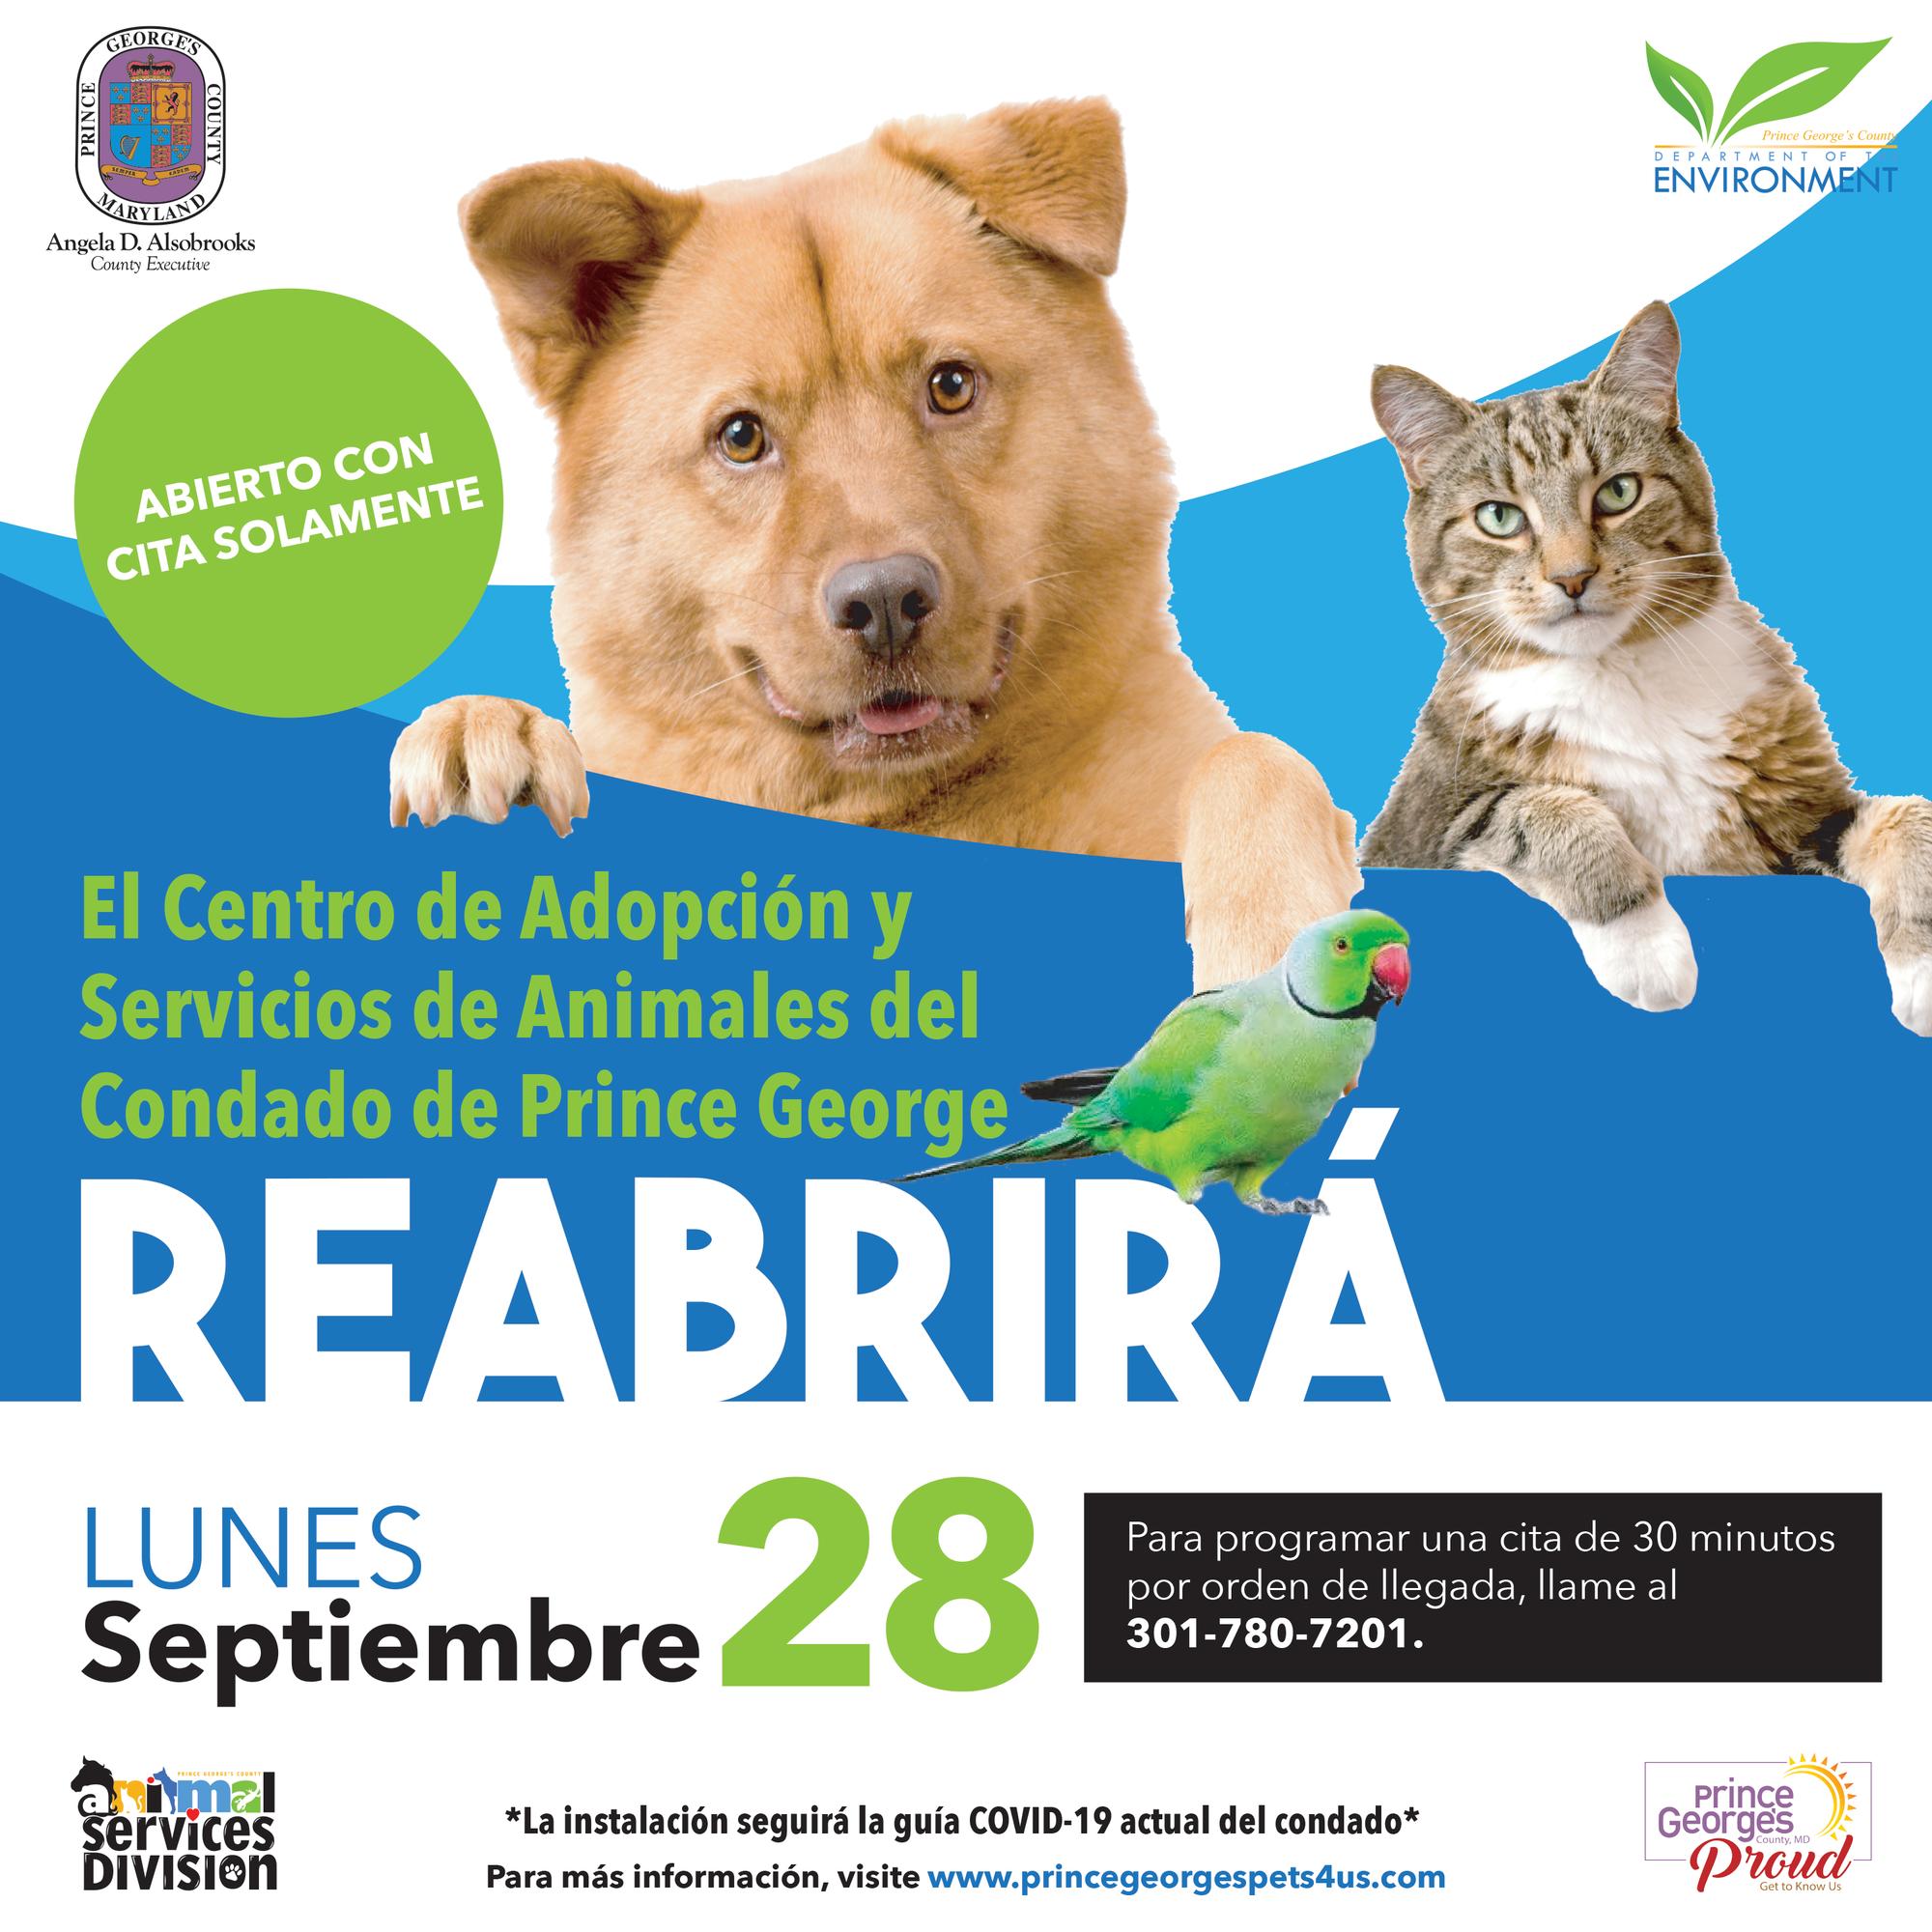 Animal Shelter ReopensSpanish